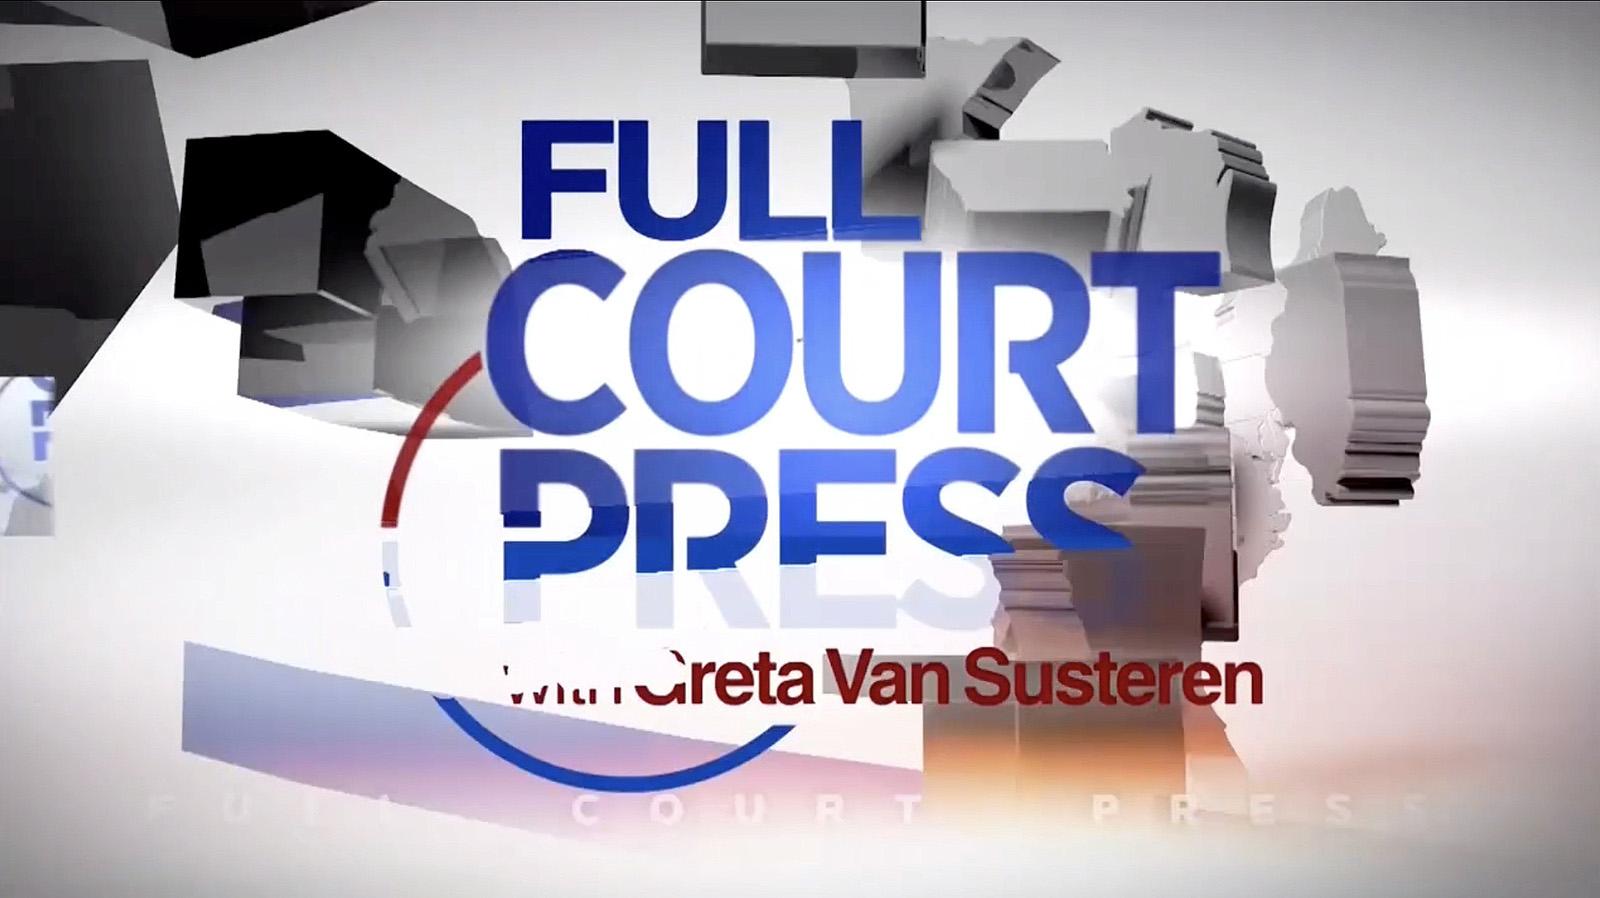 NCS_Full-Court-Press_Greta-Van-Susteren_006